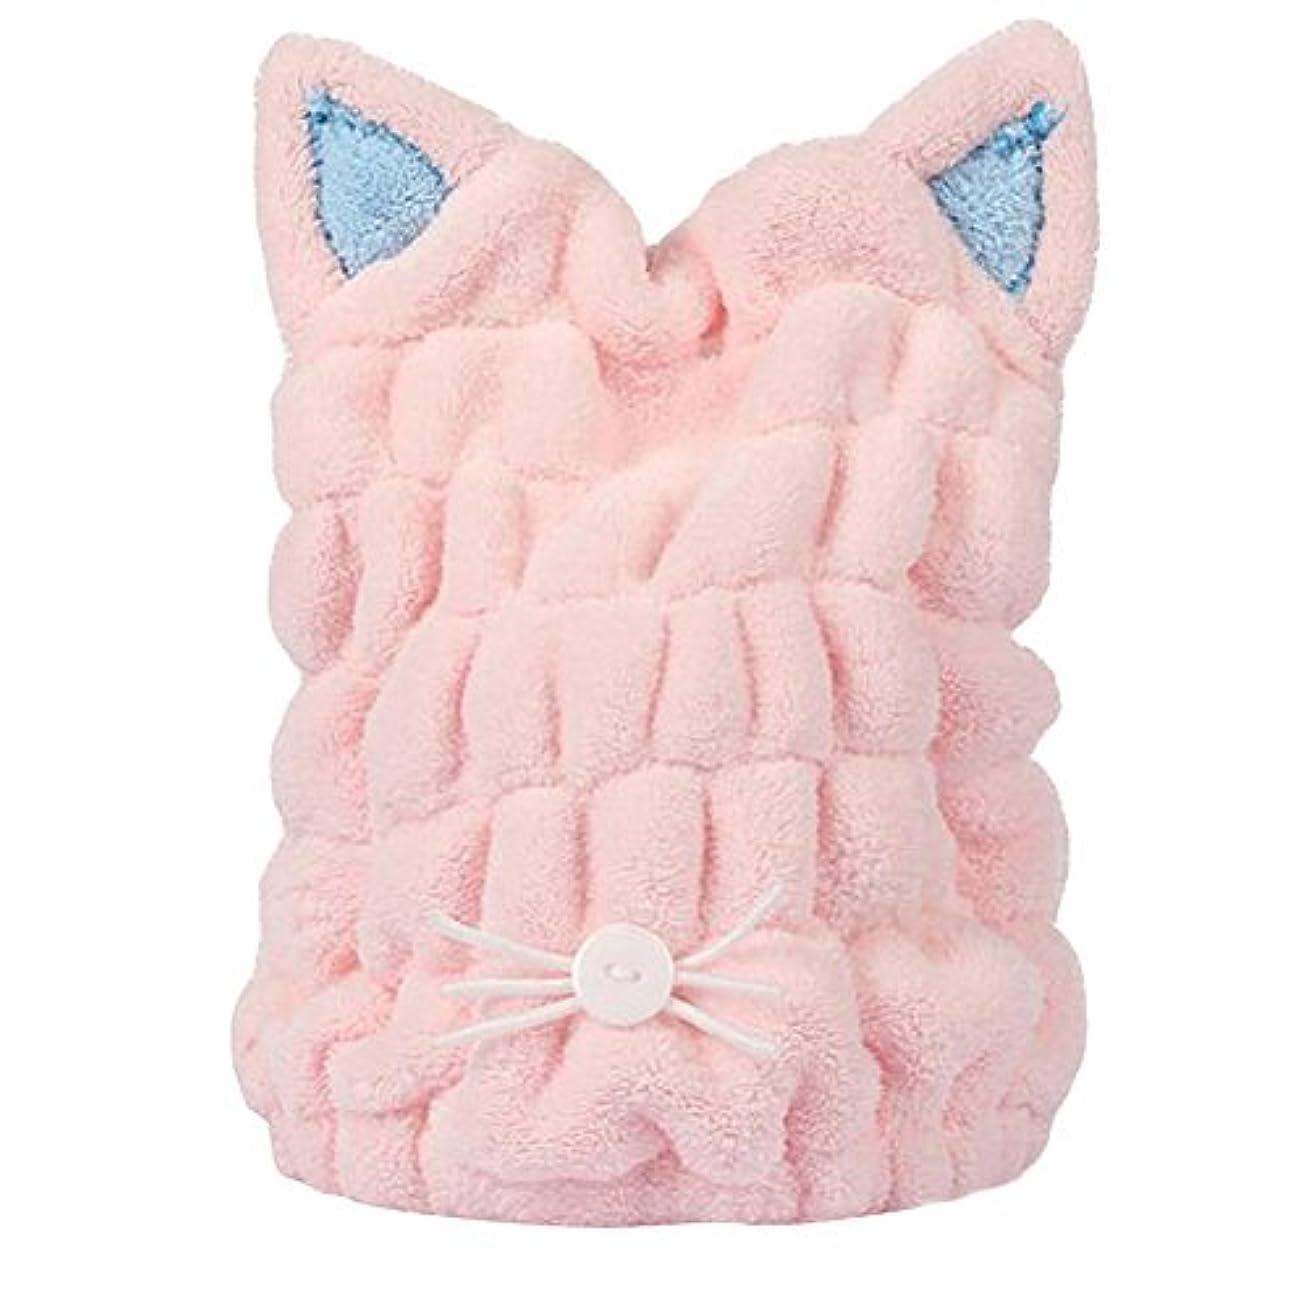 ご予約外交修正タオルキャップ 猫耳 ヘアドライキャップ 吸水 乾燥用 お風呂用 マイクロファイバー 可愛い (ピンク)